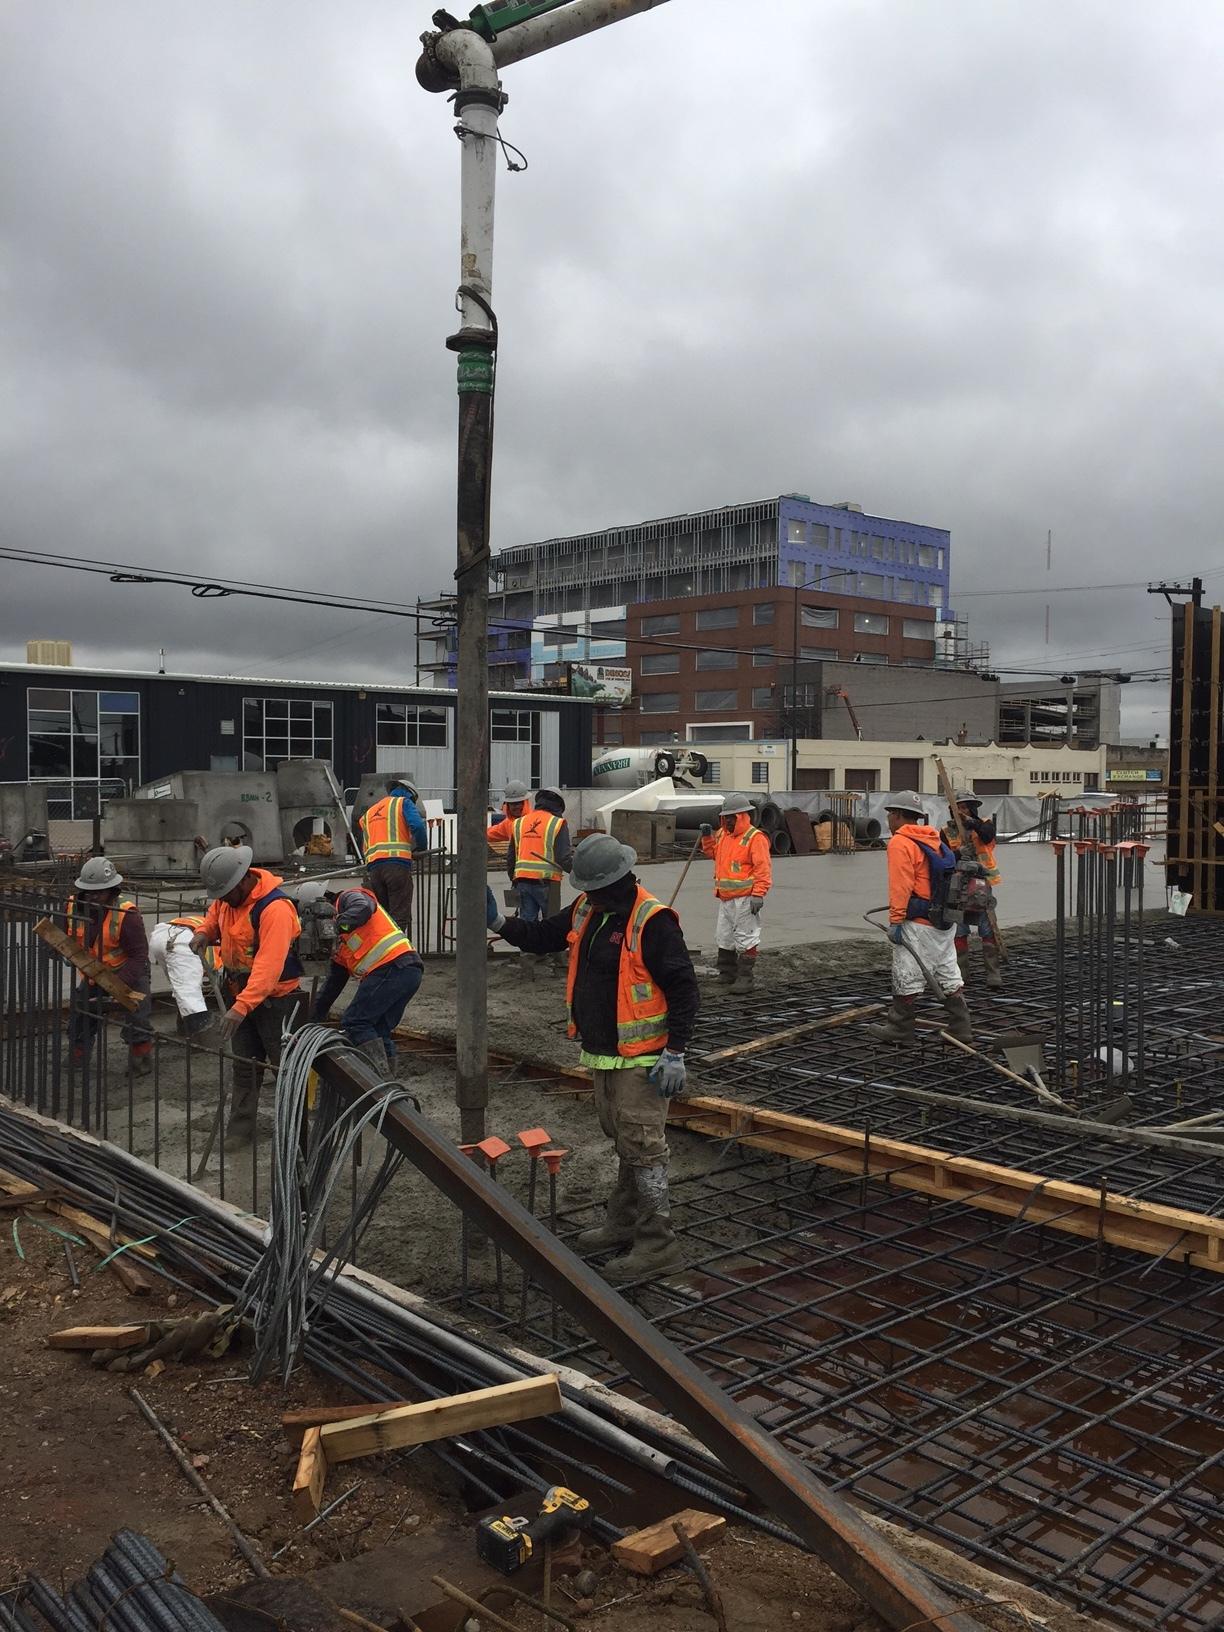 Ride at RiNo - Concrete & Framing — Bristlecone Construction